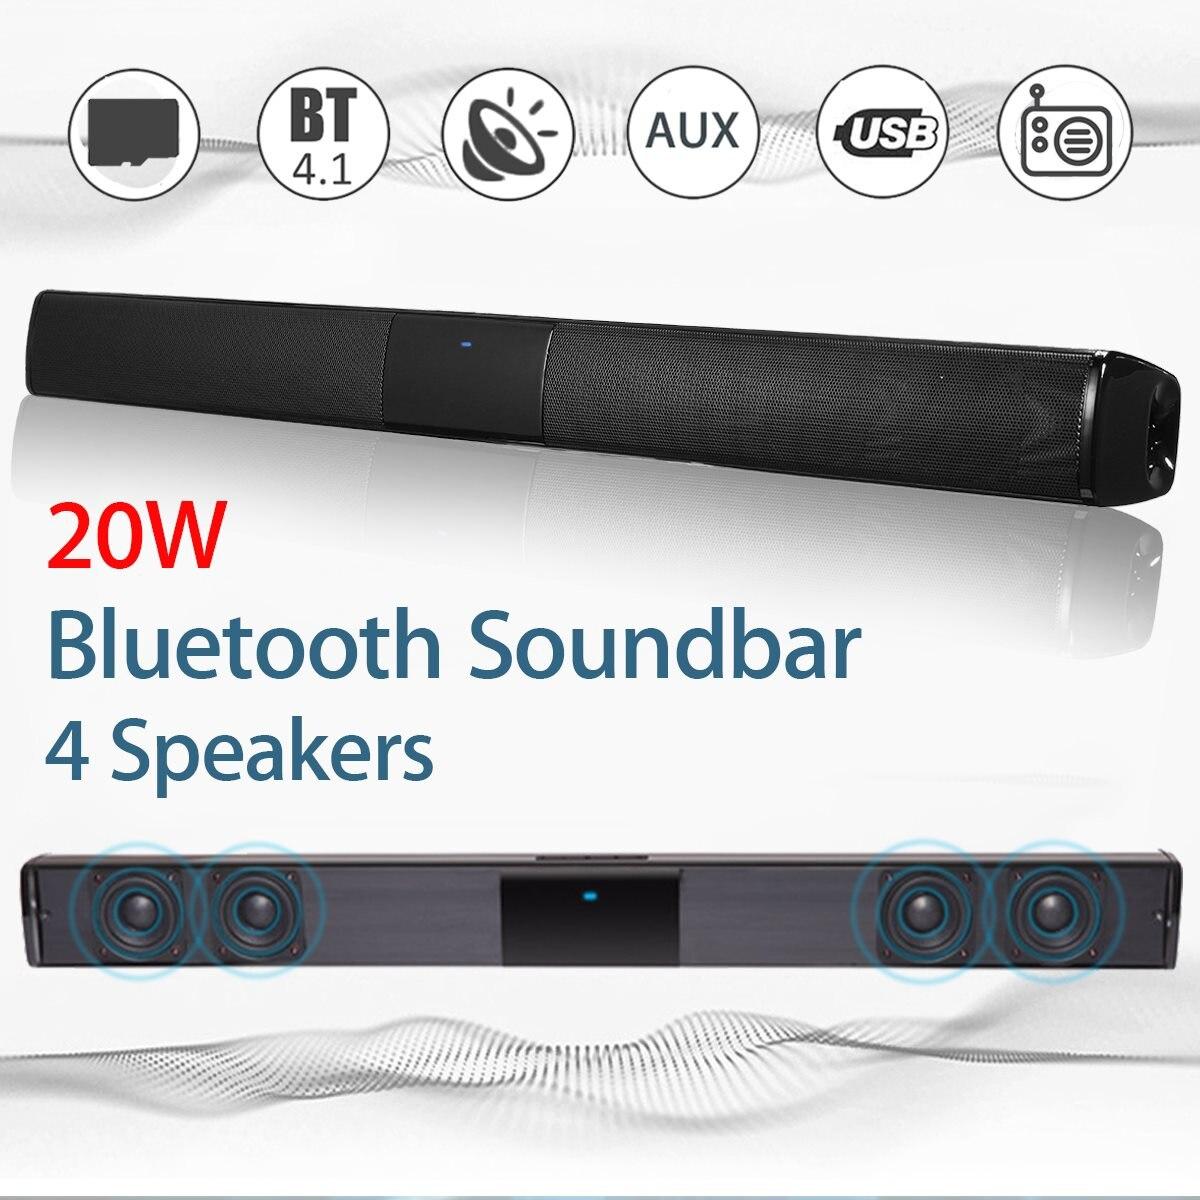 20W Wireless Bluetooth Soundbar Stereo Hi-Fi Speaker Subwoofer FM TF AUX USB